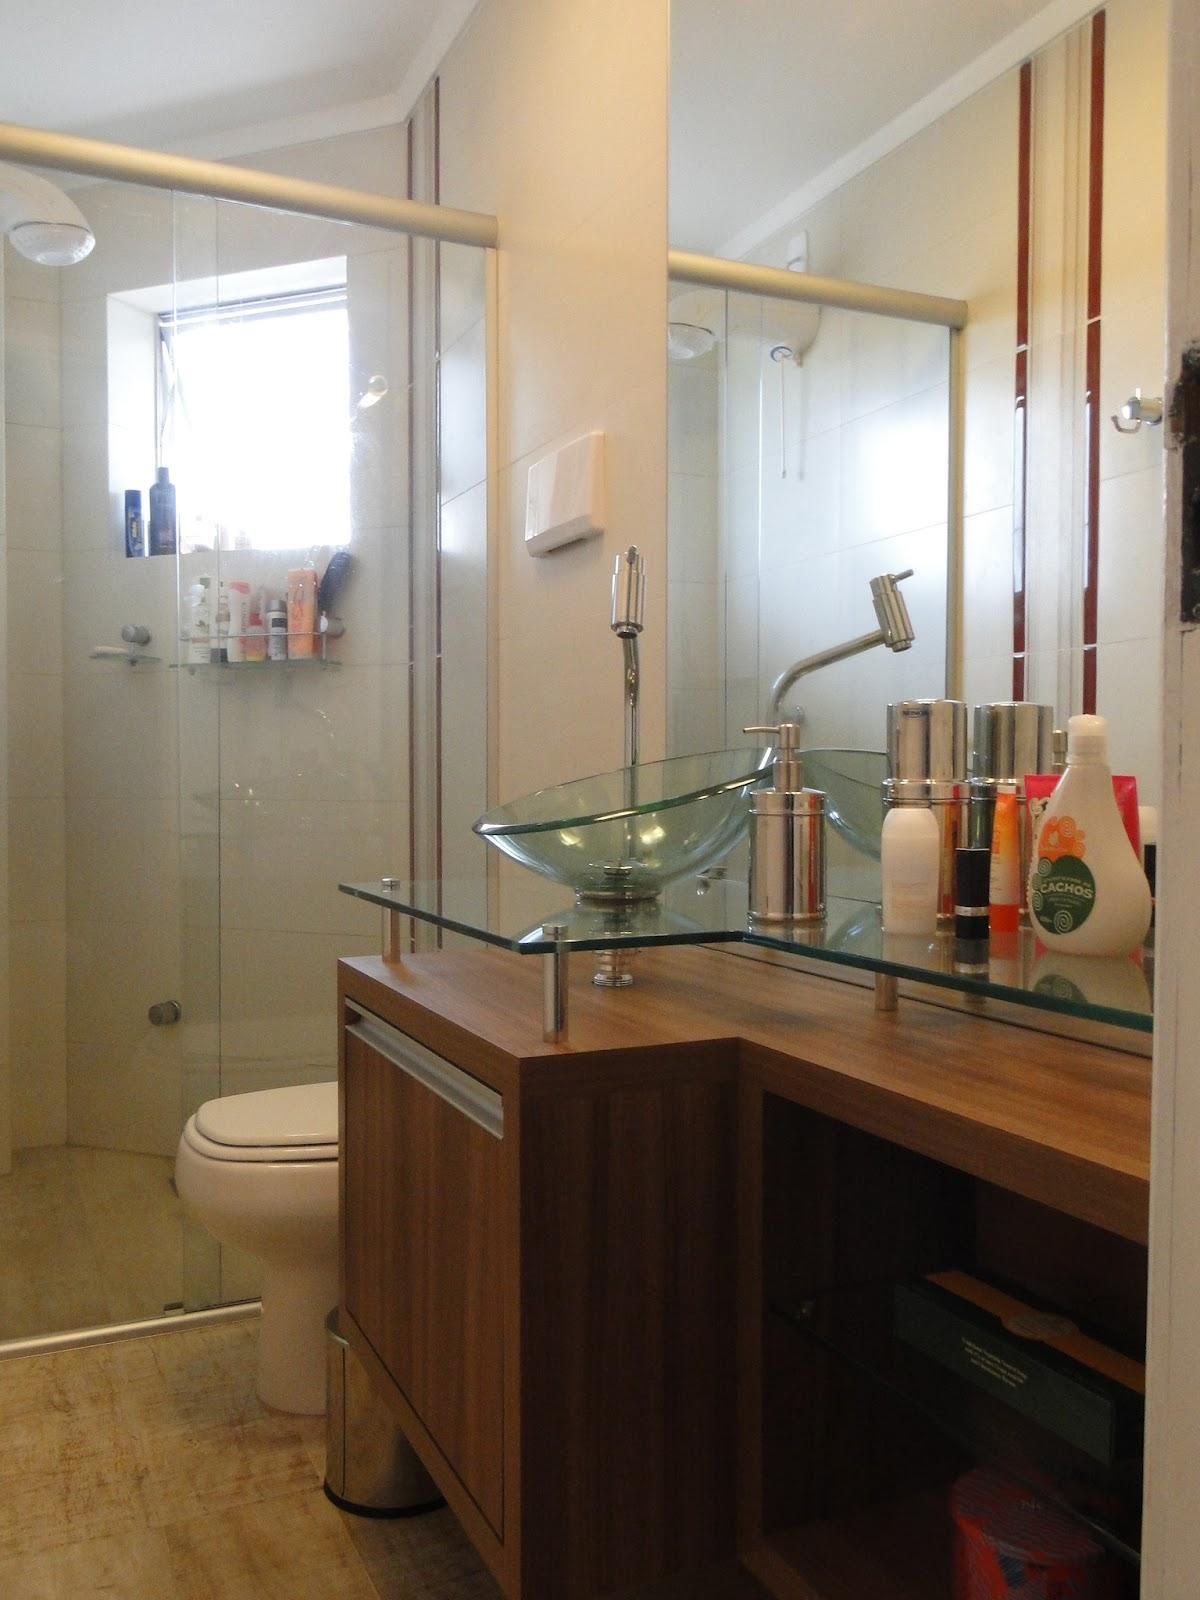 embase arquitetura para projetos de vida: banheiro #A63725 1200 1600